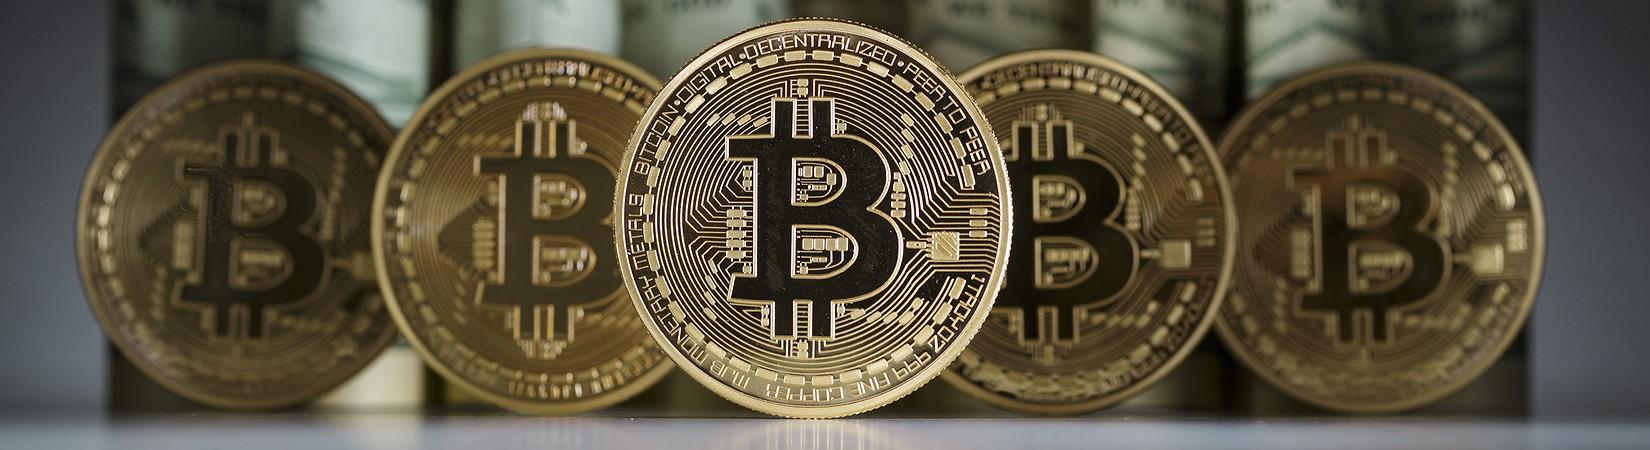 ¿Qué impide al bitcoin convertirse en una moneda real?